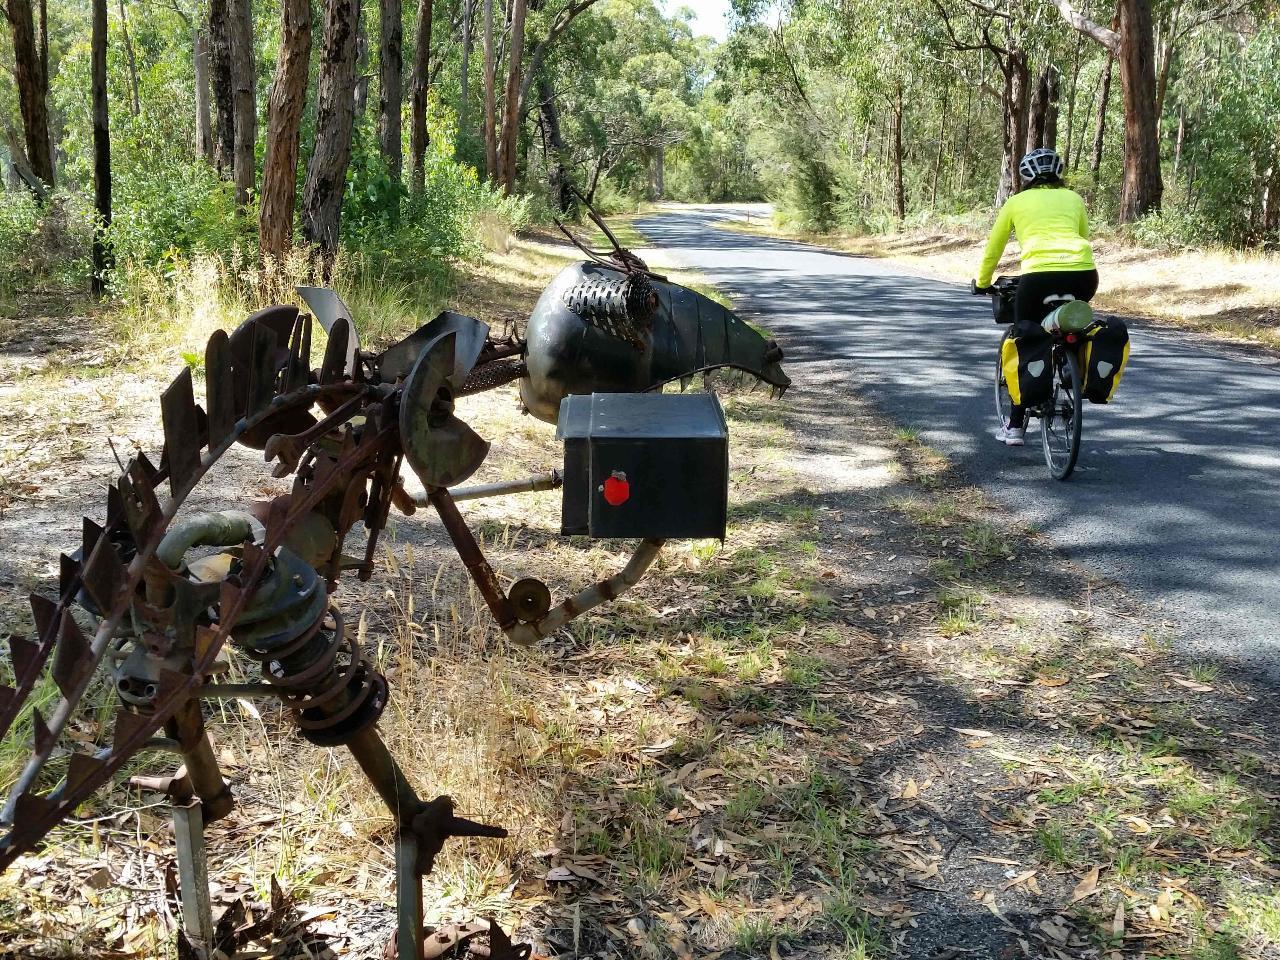 Strzelecki Explorer Cycle Tour 6D 5N